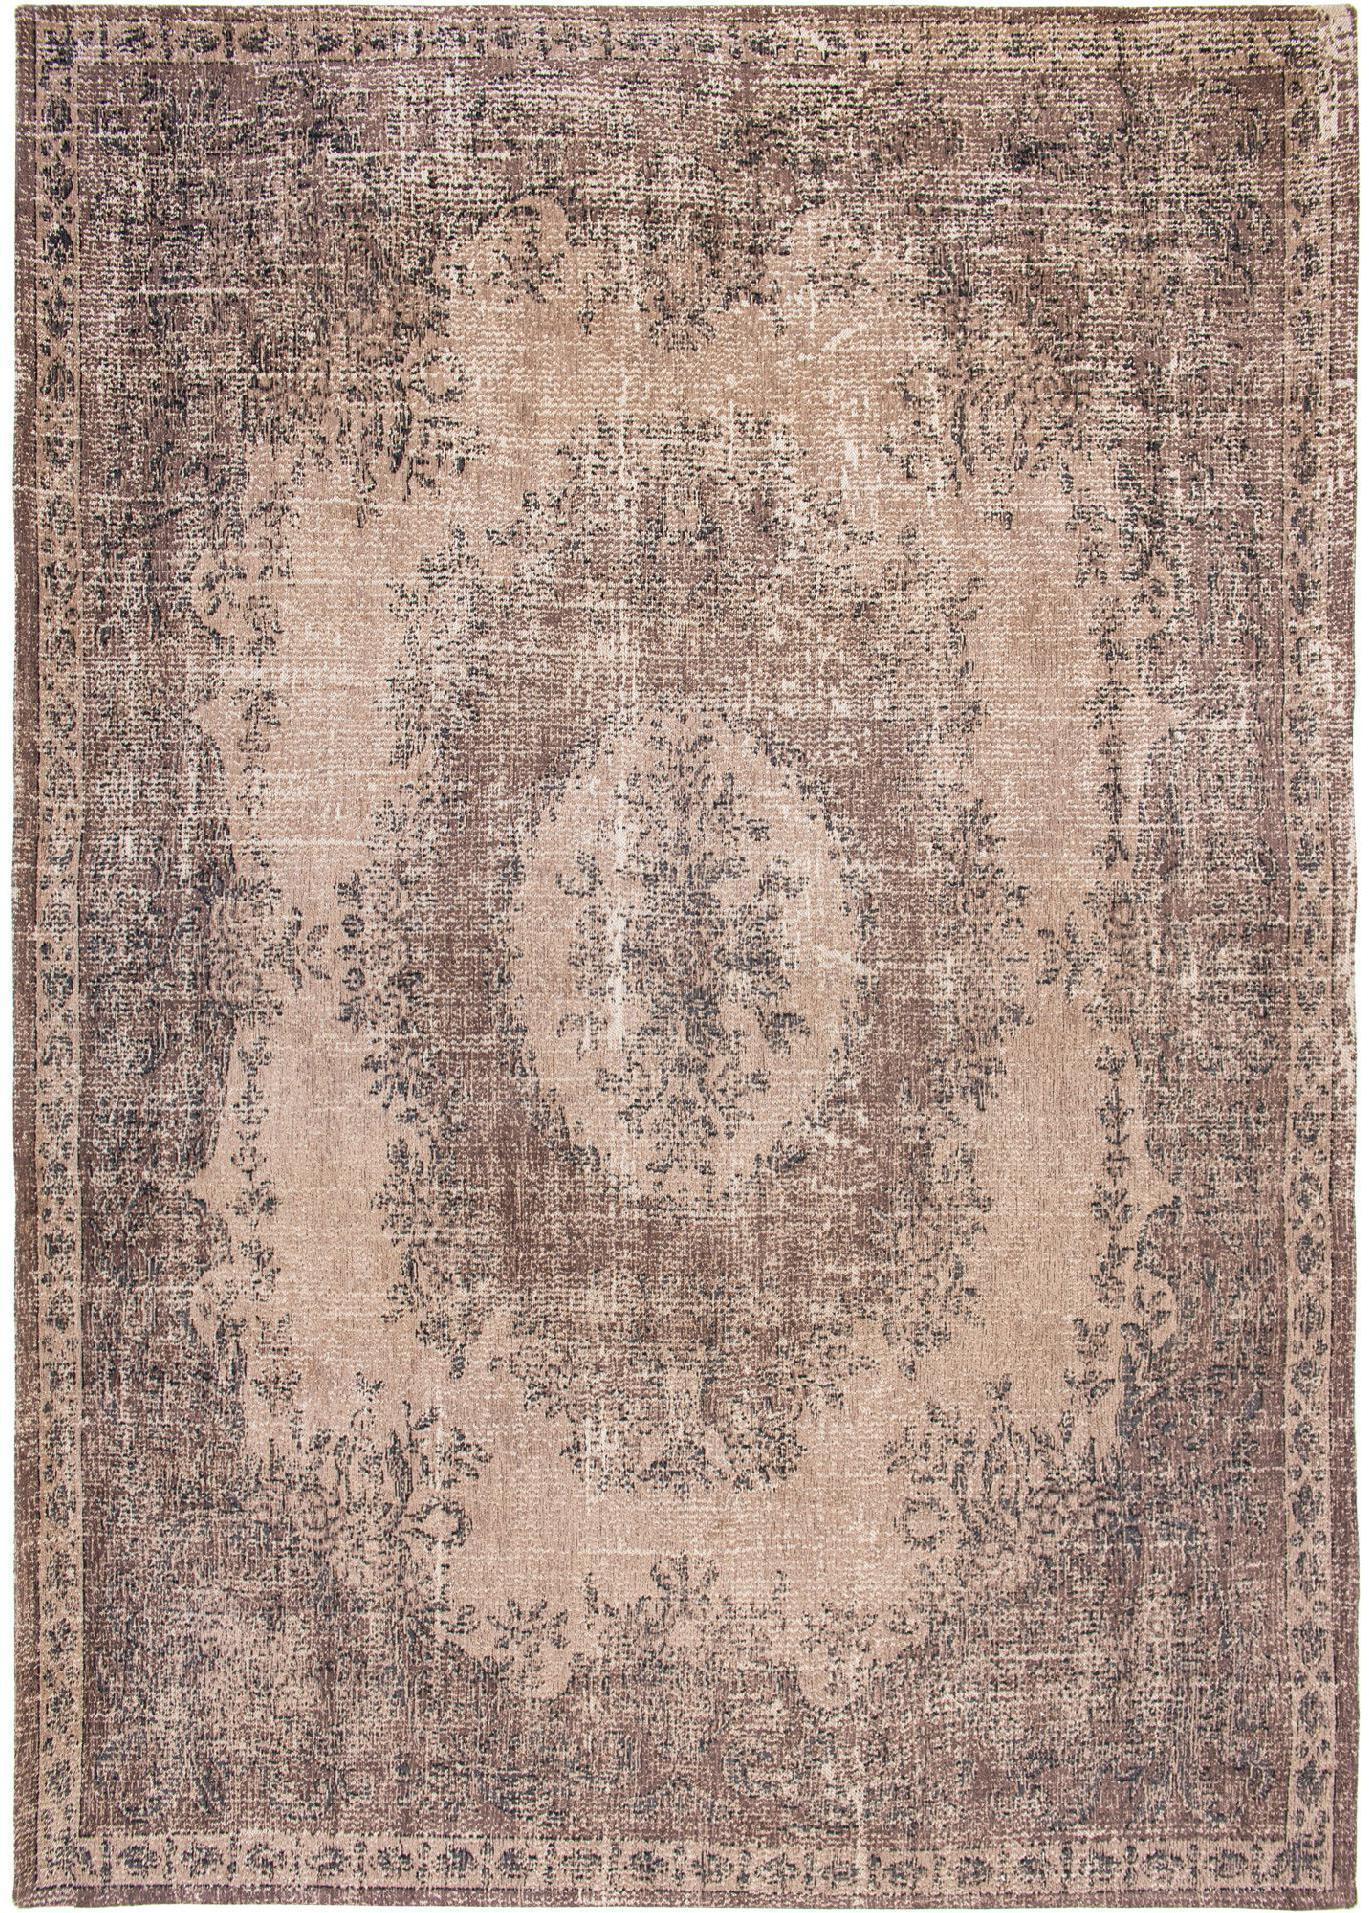 LOUIS DE POORTERE Palazzo Da Mosto Foscari Brown 9139, hnedá